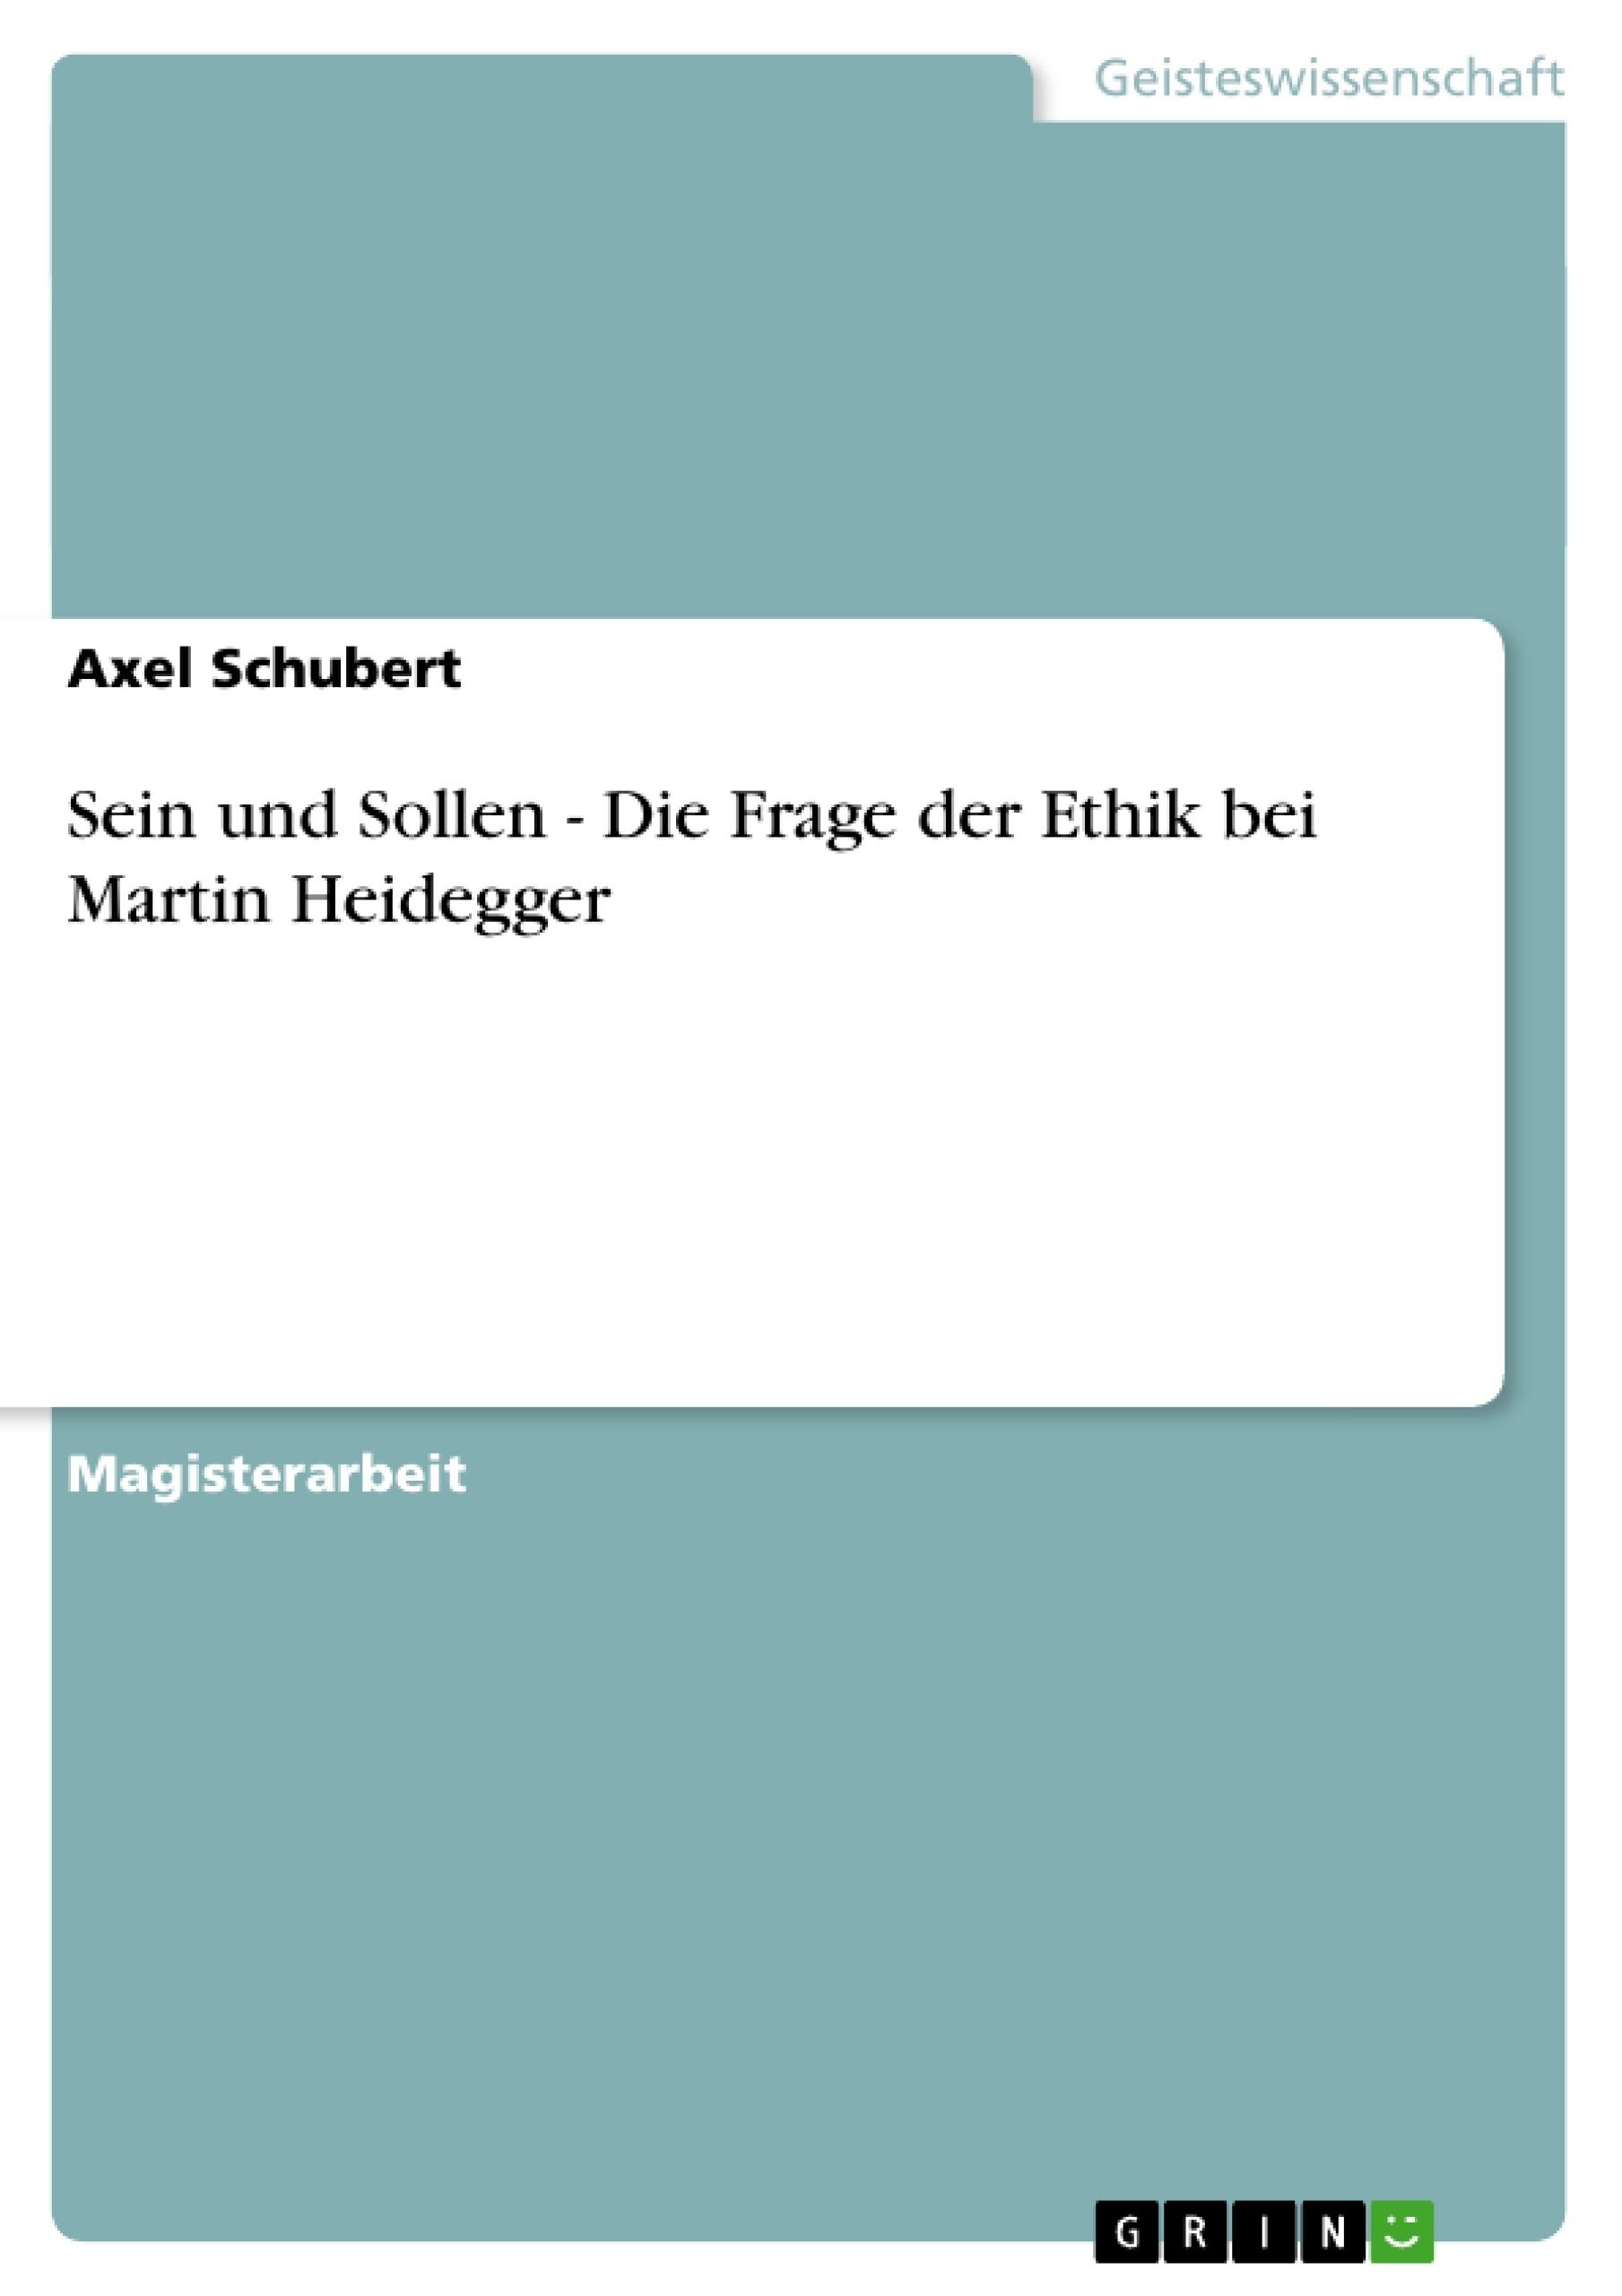 Titel: Sein und Sollen - Die Frage der Ethik bei Martin Heidegger